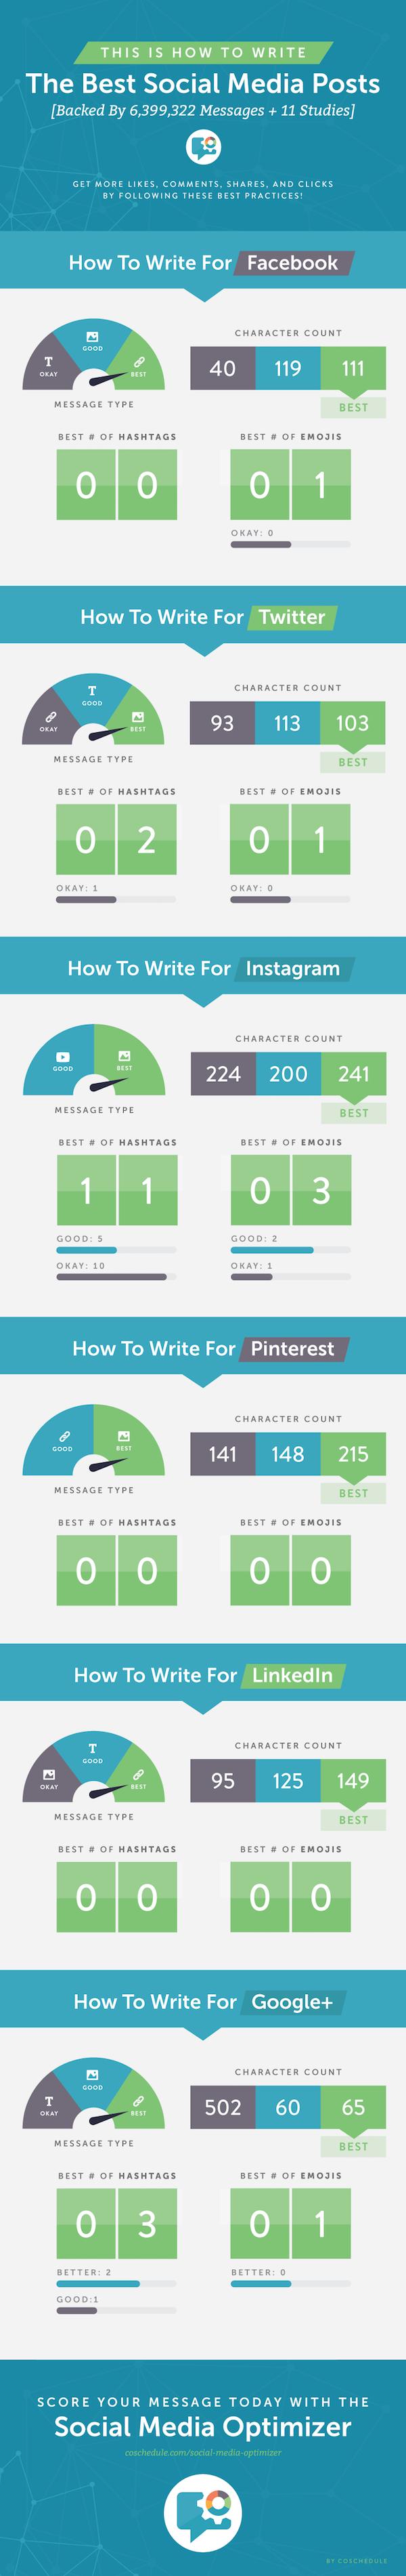 Infographie - Les publications parfaites en fonction des réseaux sociaux